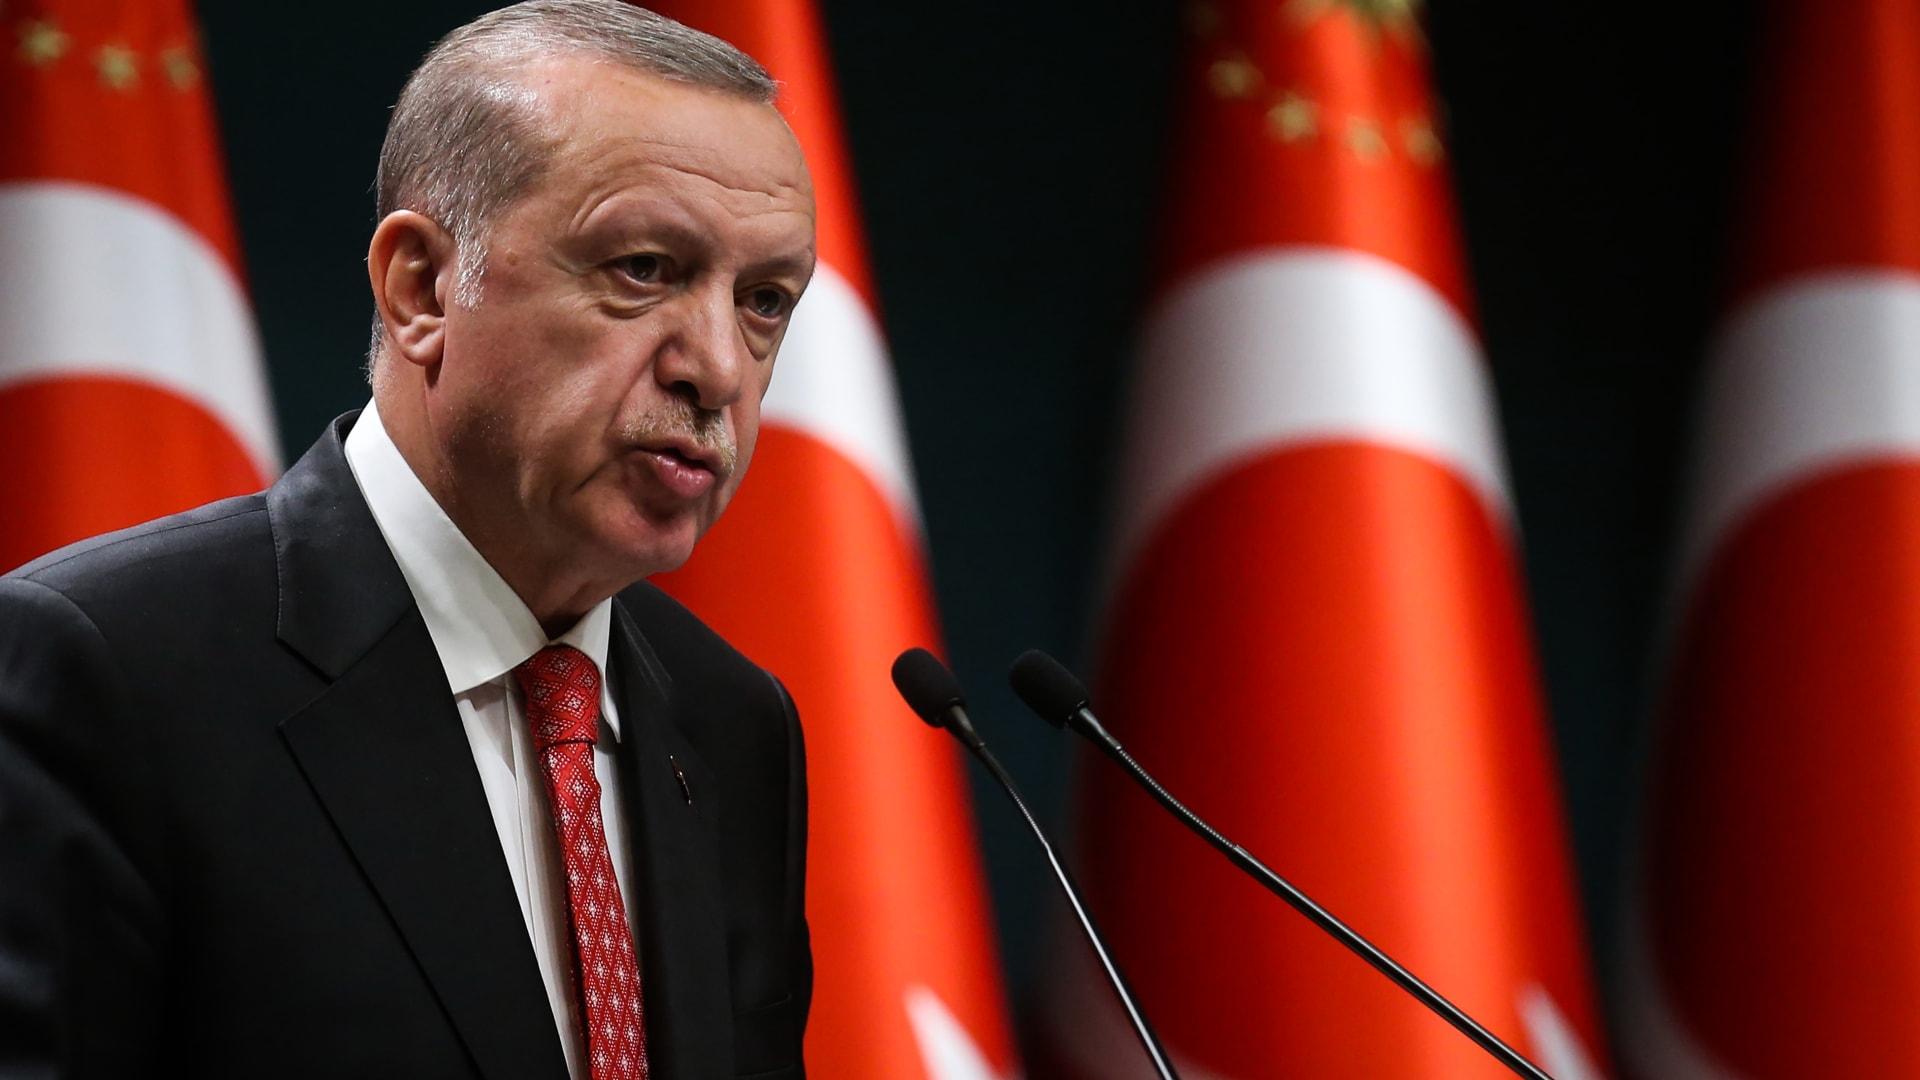 """بعد بيان لضباط متقاعدين.. أردوغان: يحمل تلميحات """"انقلابية"""" ويهدد الدستور"""